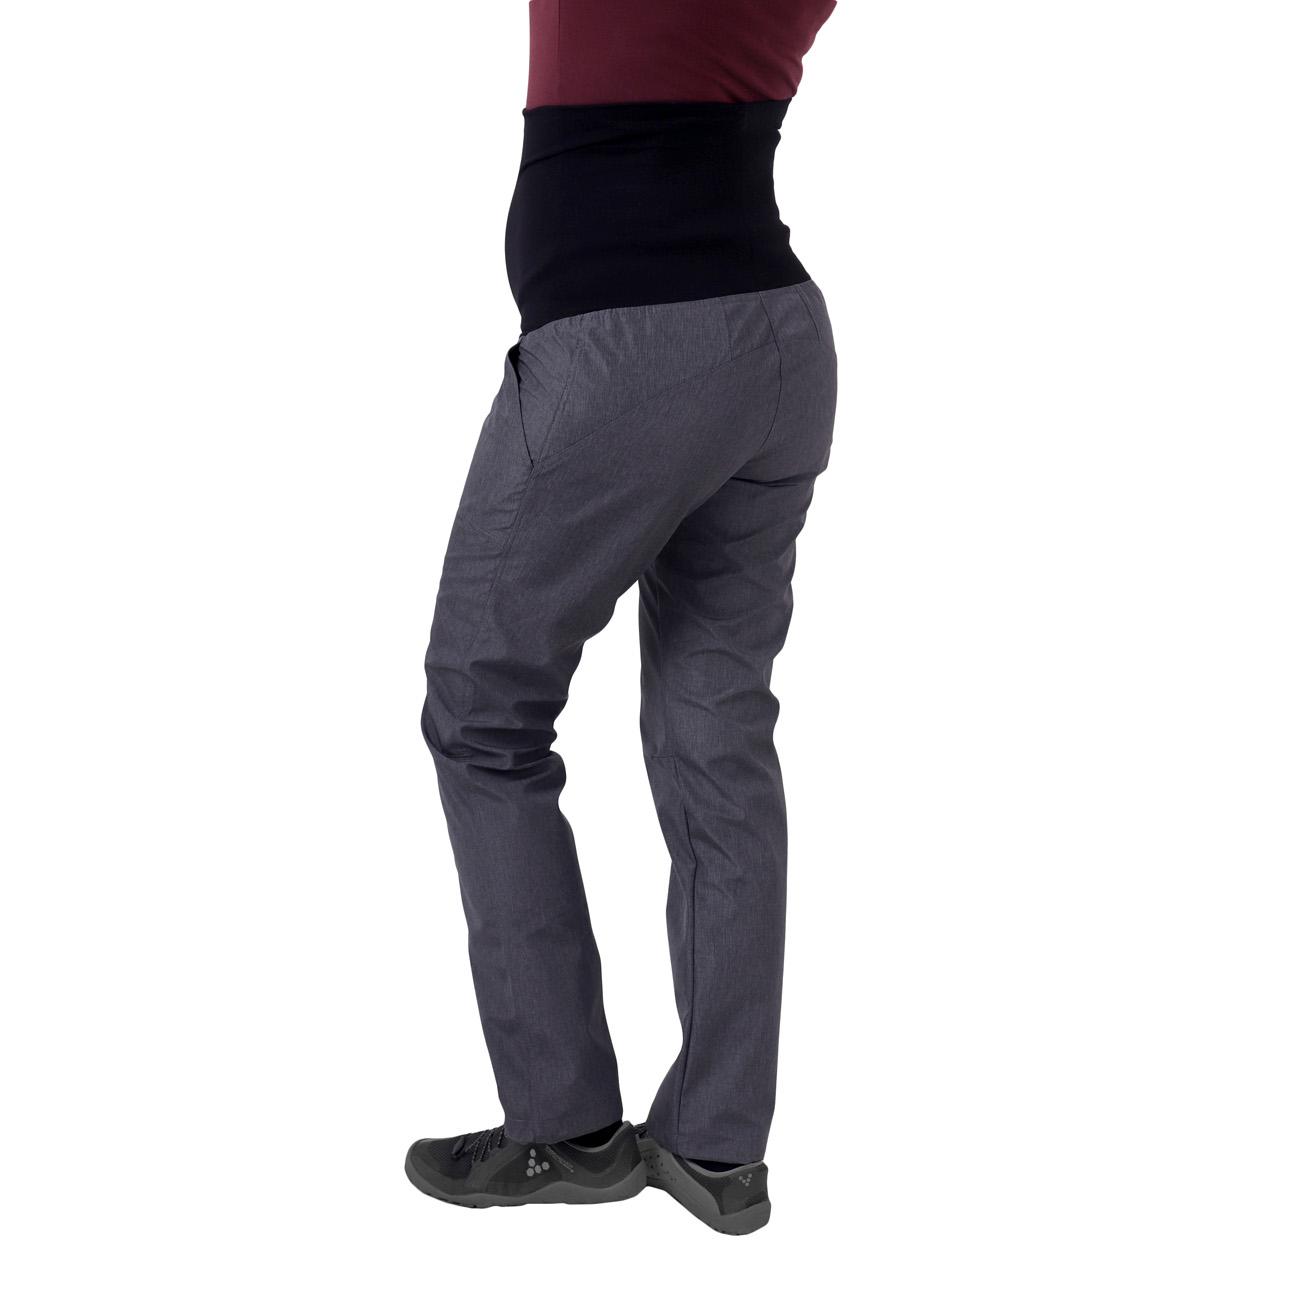 Jarní/letní těhotenské softshellové kalhoty liva, šedý melír, 46 prodloužené